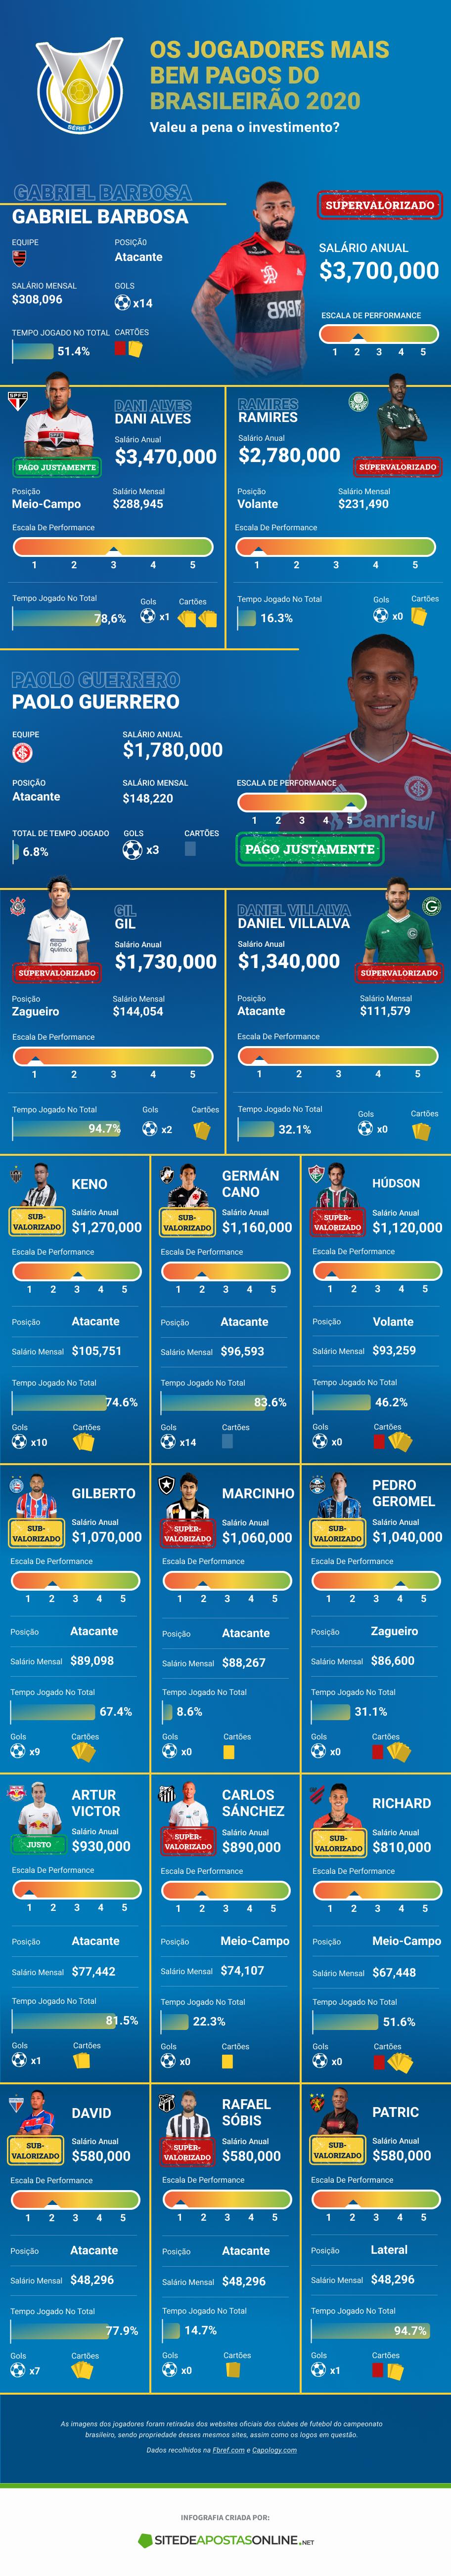 estatísticas dos jogadores mais bem pagos do Brasileirão 2020